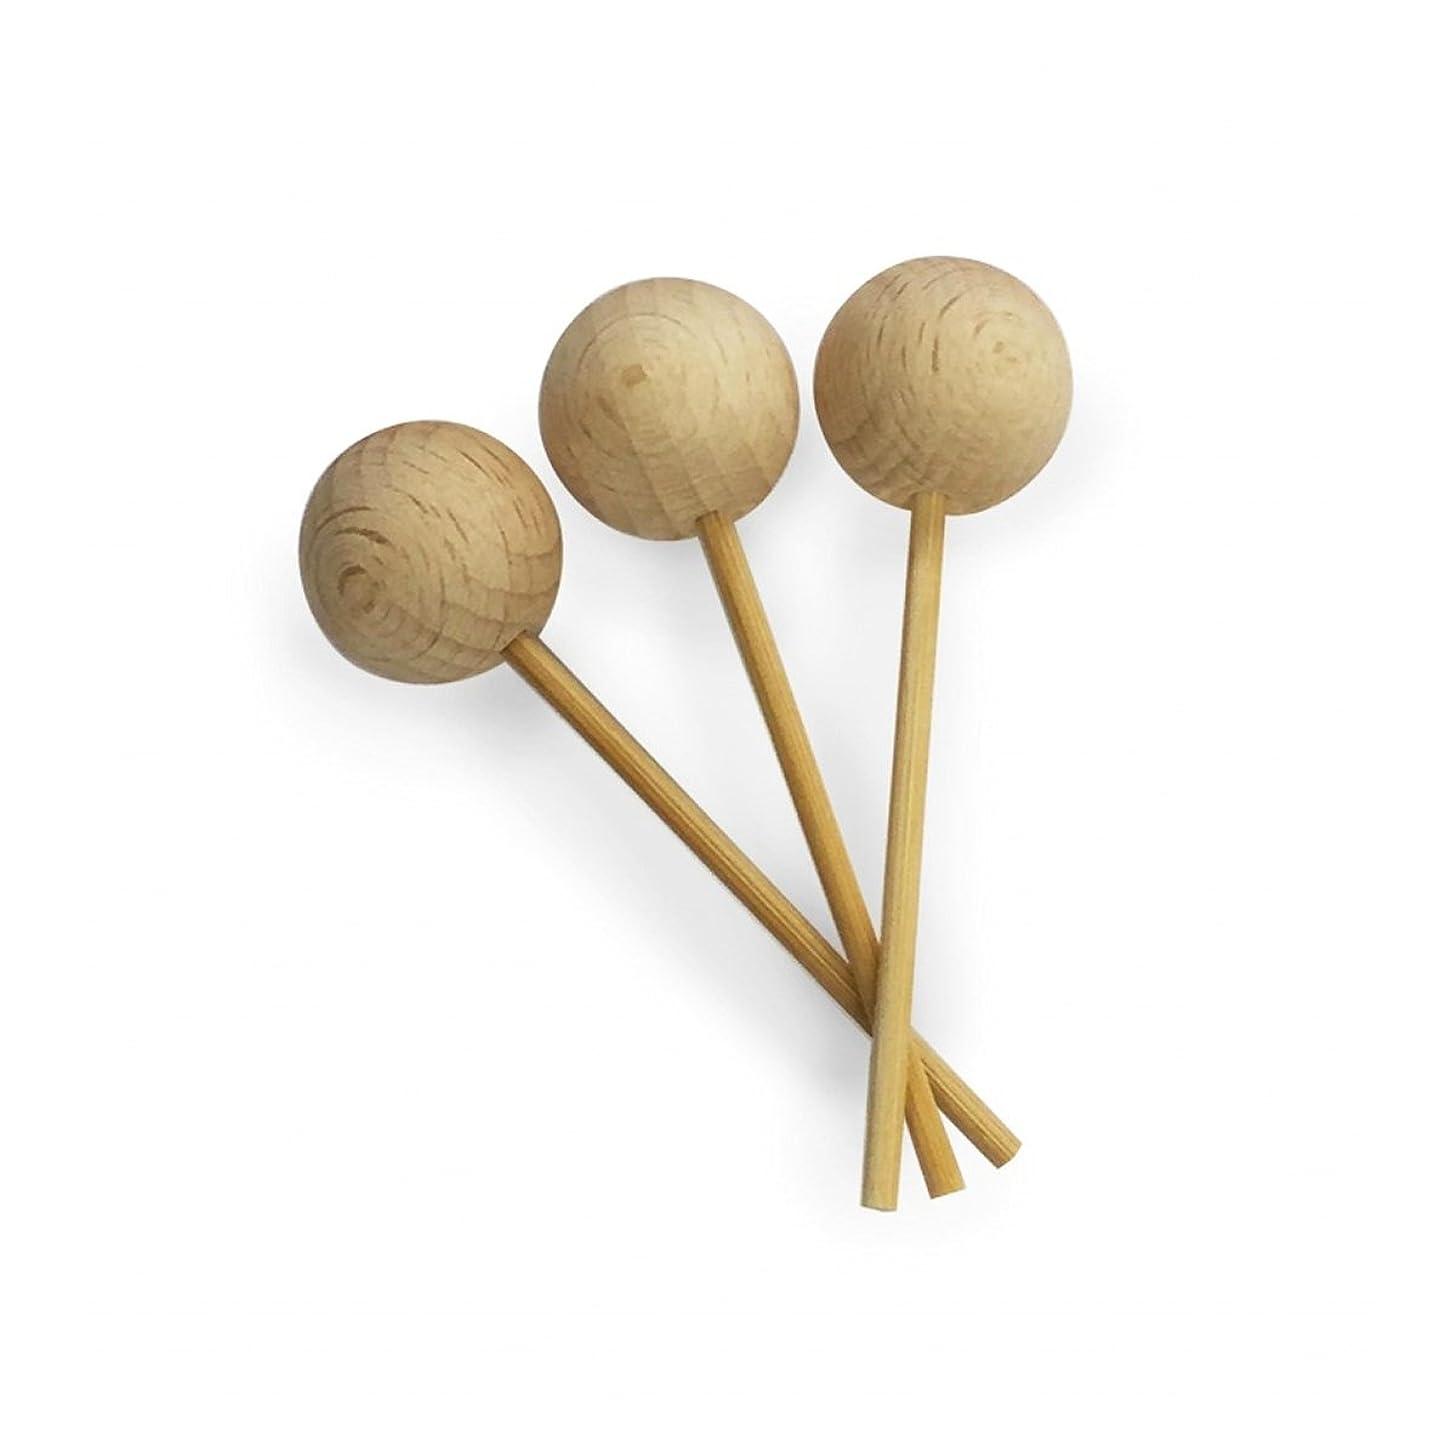 朝所有者アルバニーカリス成城 アロマ芳香器 木のお家 交換用木製スティック3本入